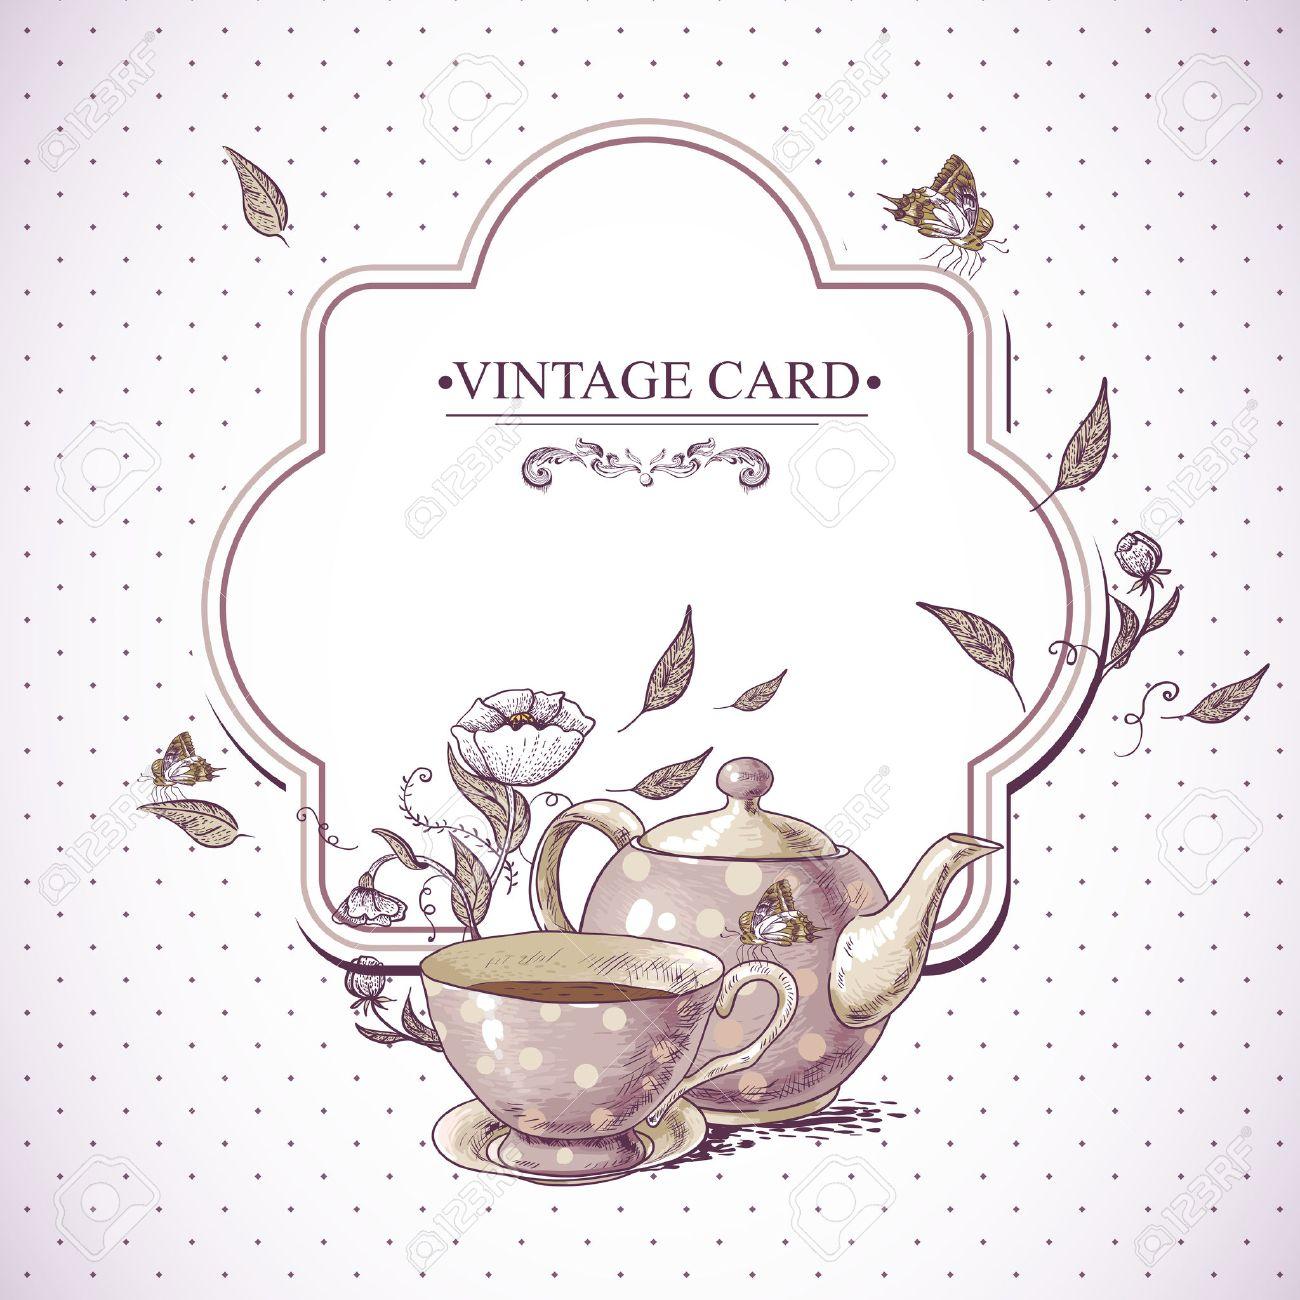 einladung vintage-karte mit einer tasse tee oder kaffee, topf, Einladung